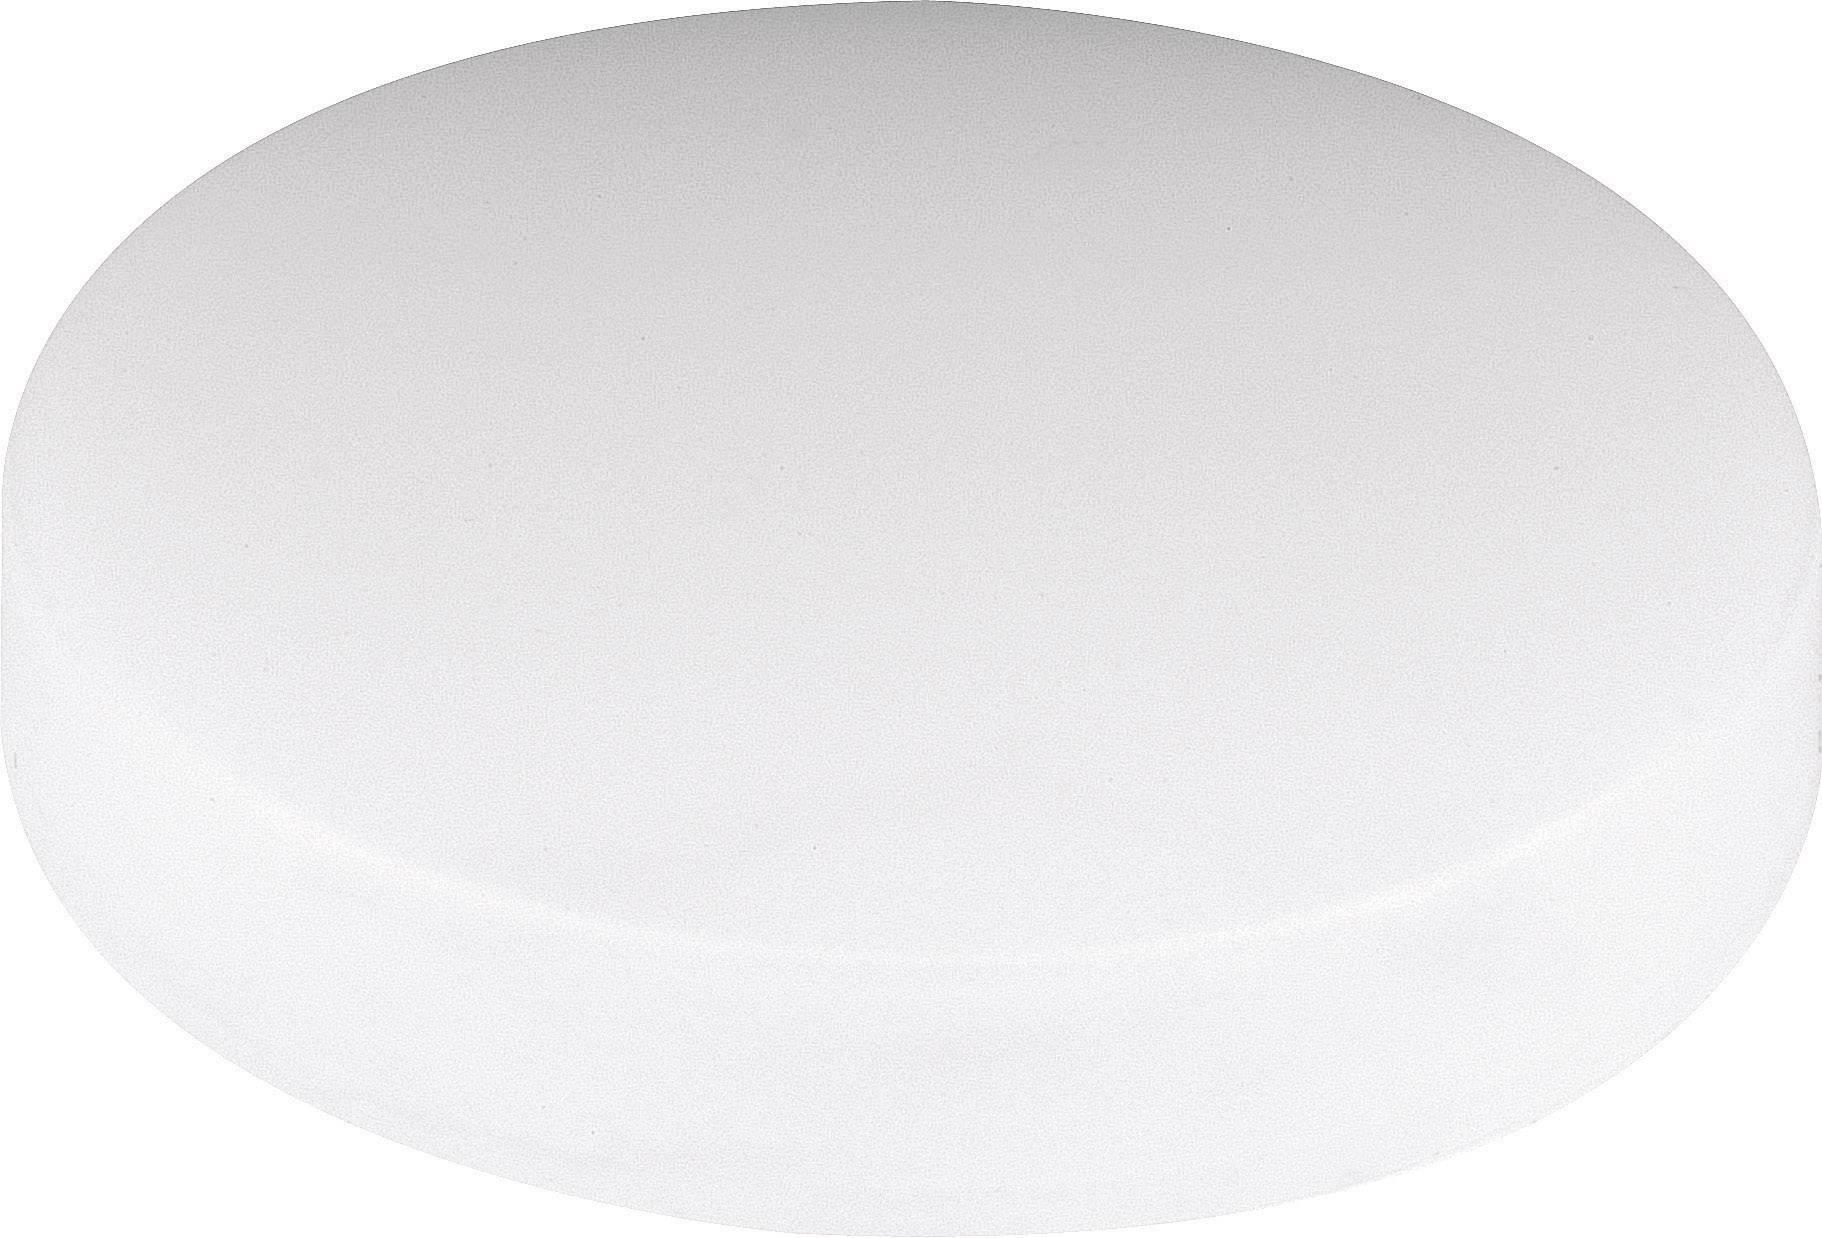 Světelná krytka pro reflektor Mentor, 2450.0800, 12 mm, (Ø x v) 13.3 mm x 3 mm, zelená